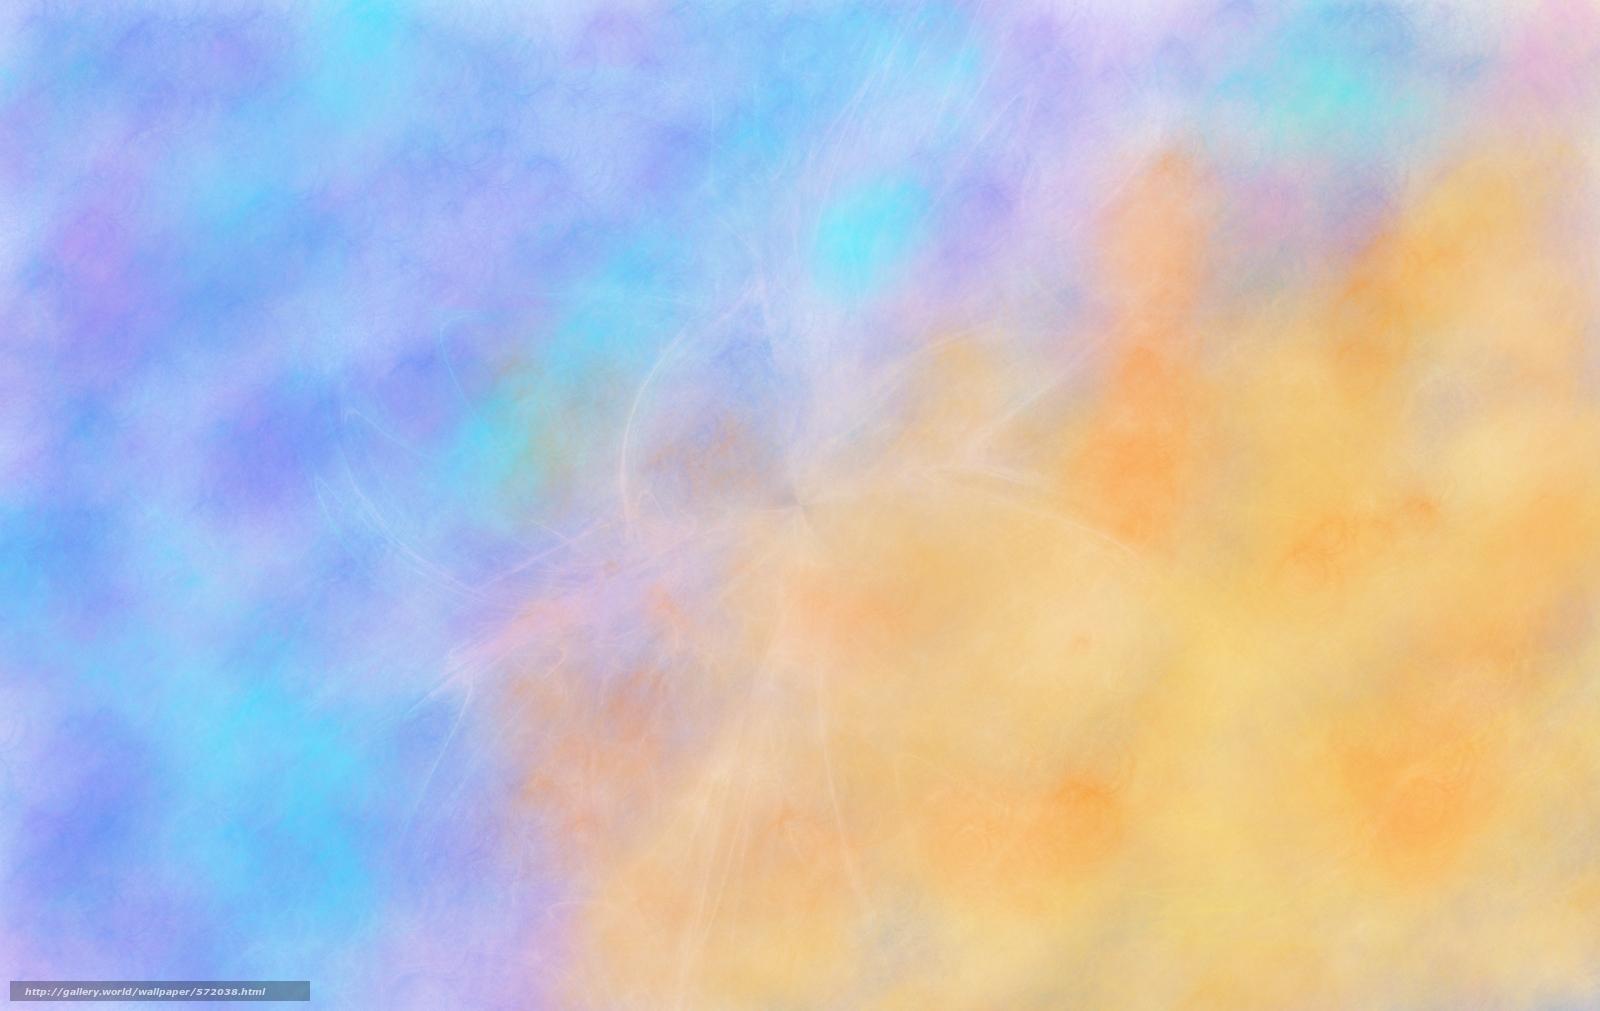 Скачать обои абстракция,  3d,  art бесплатно для рабочего стола в разрешении 1900x1200 — картинка №572038